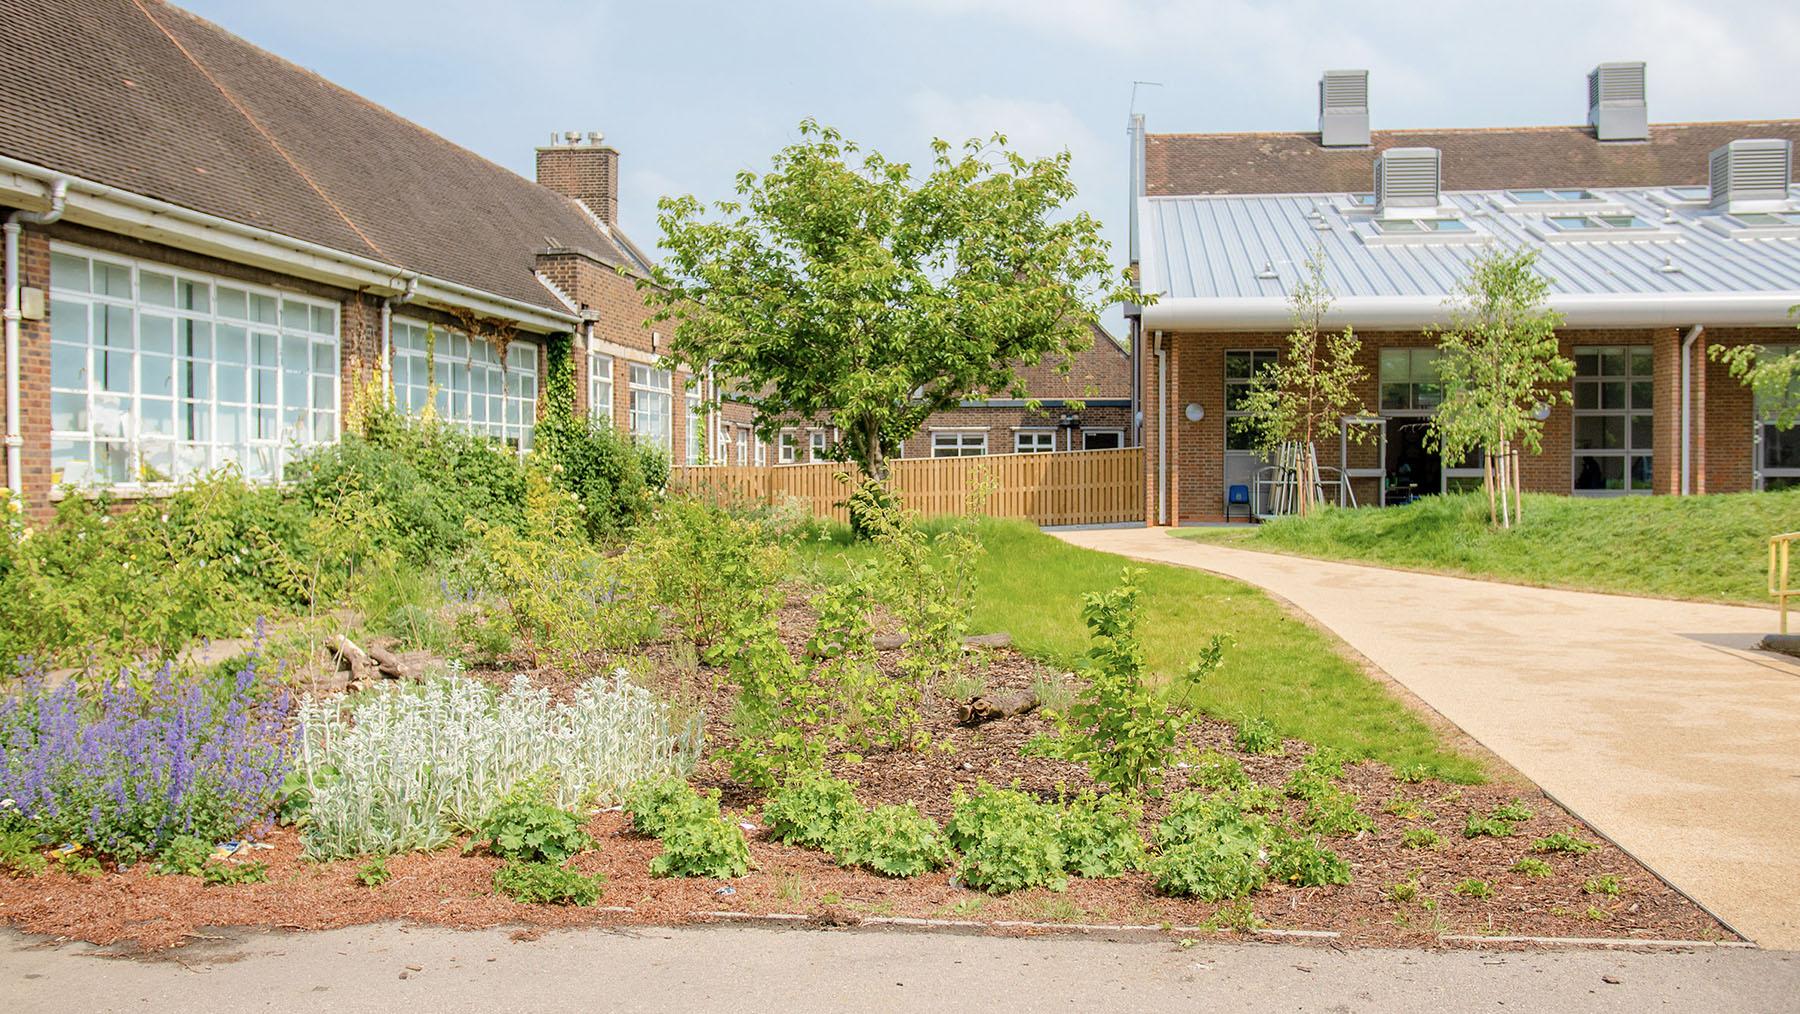 School building and nice outdoor garden